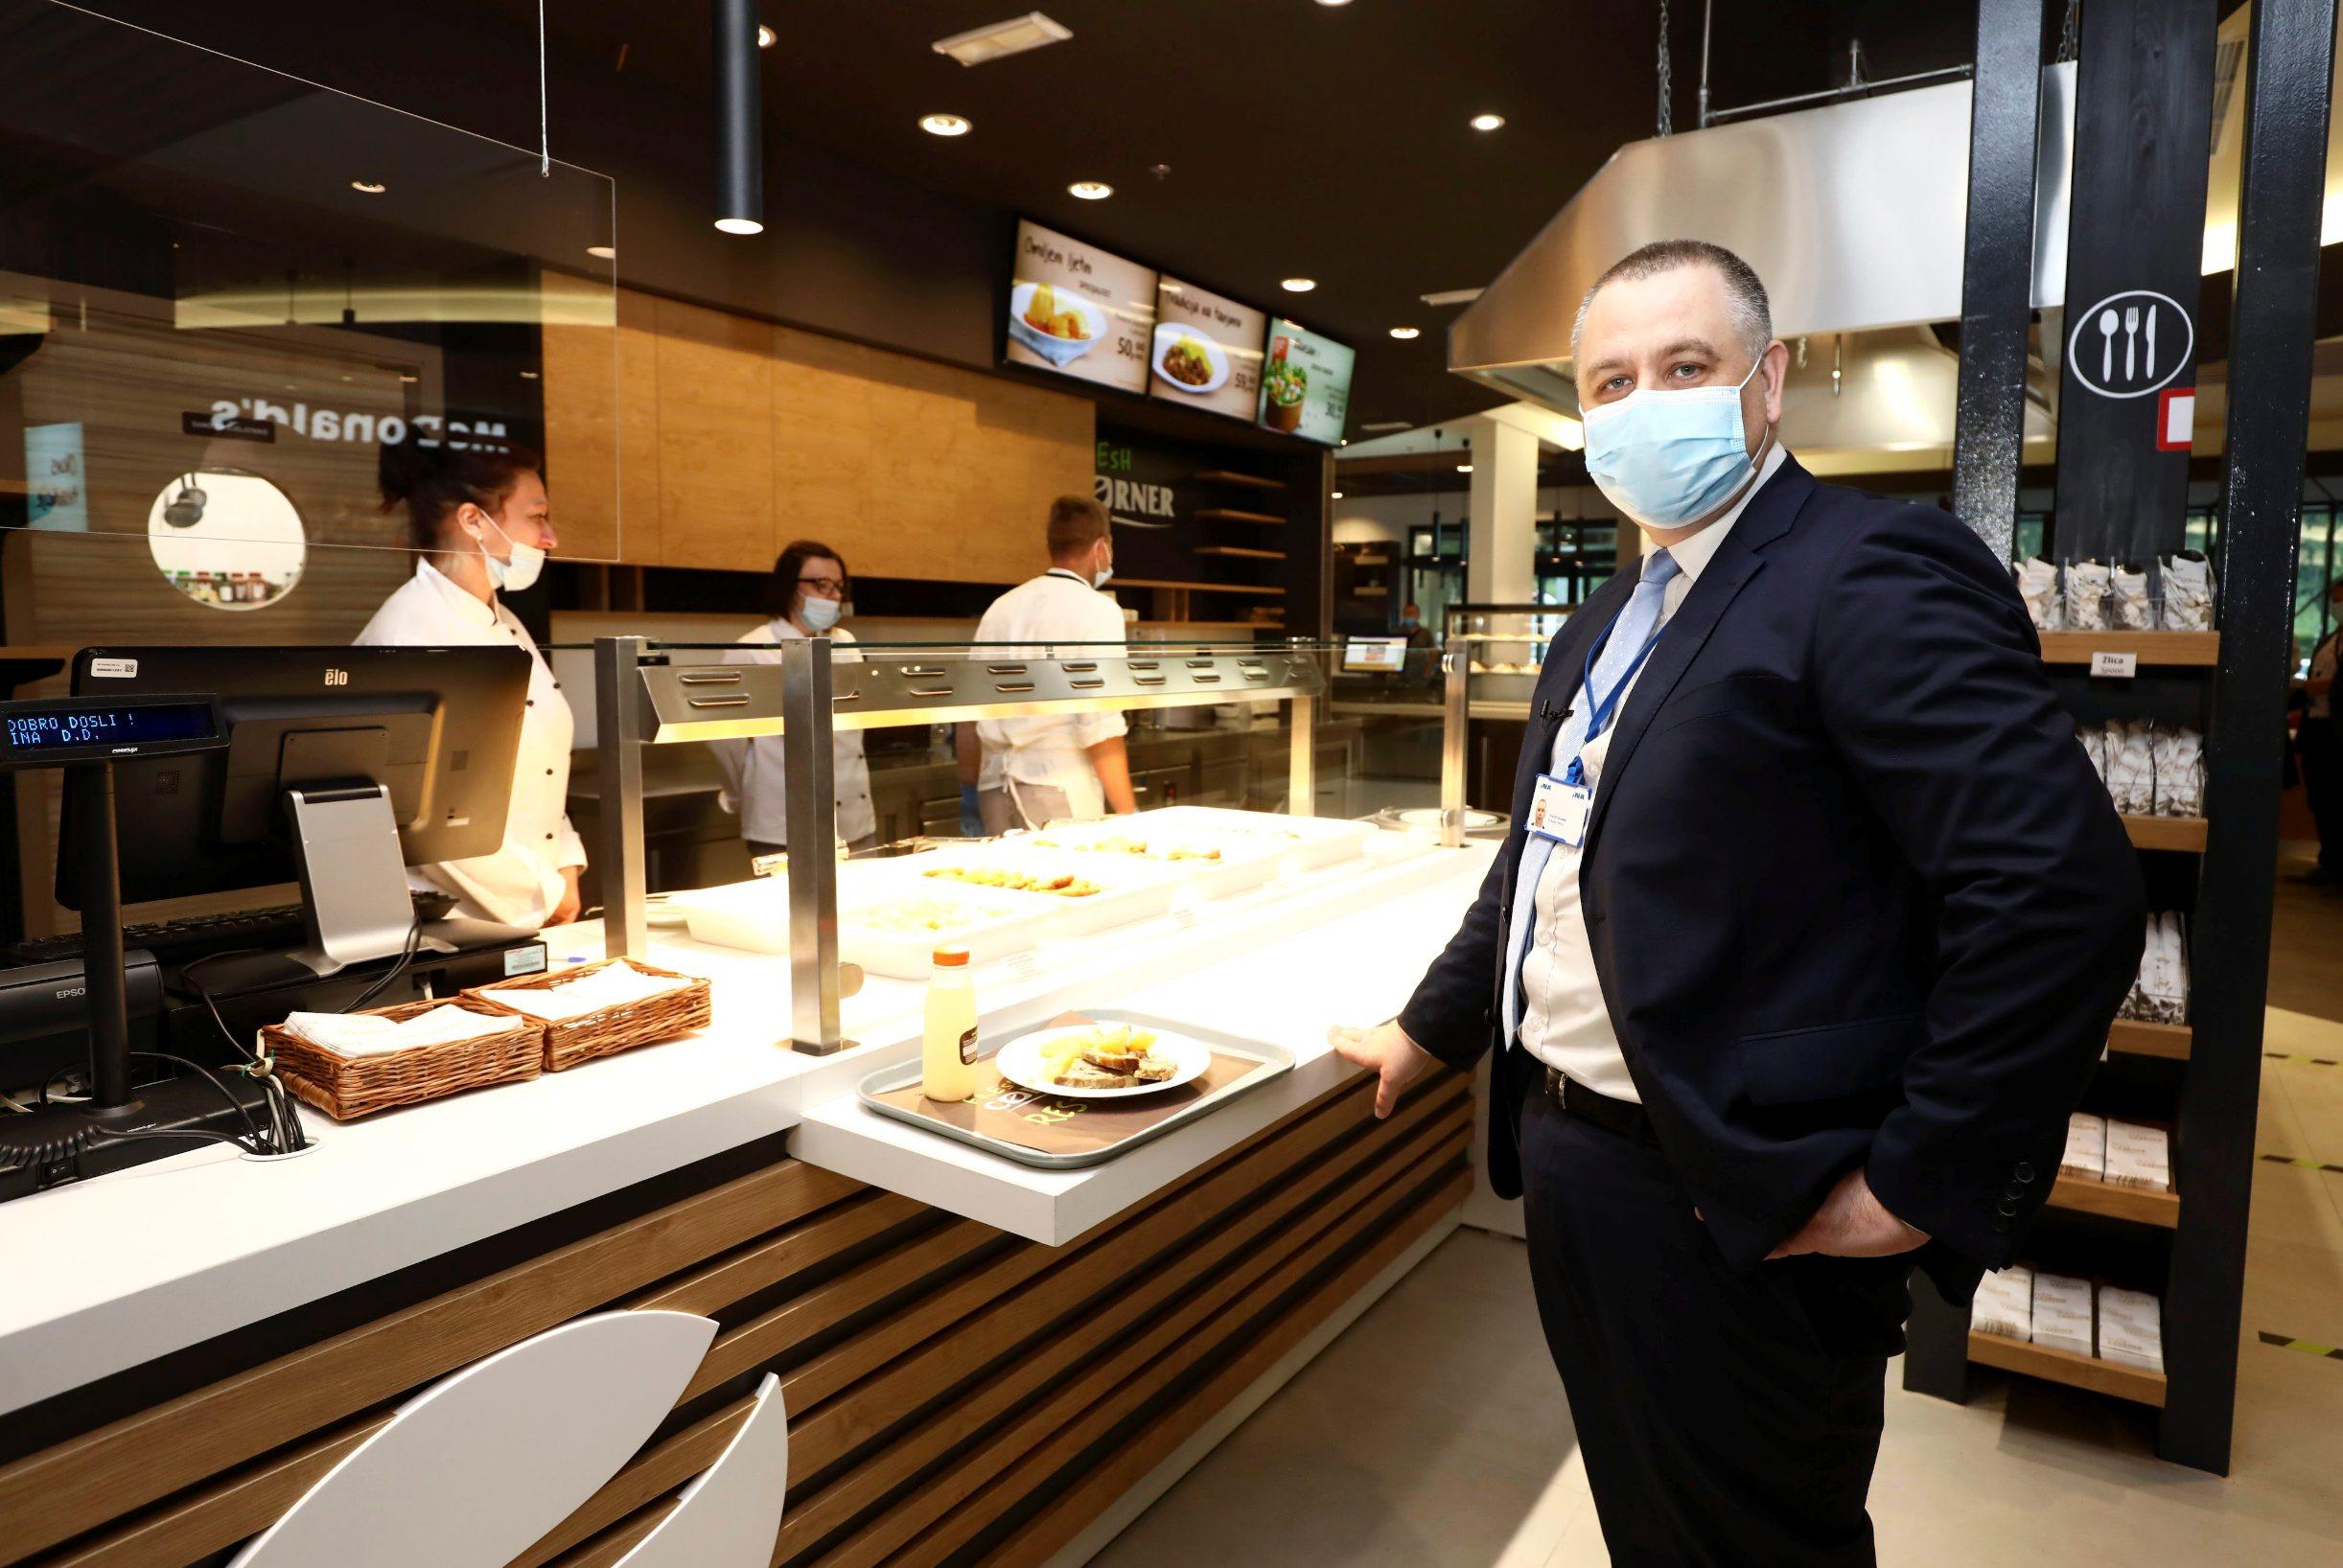 Vukova Gorica, 030720. Otvorenje moderniziranog prodajnog mjesta INA Vukova Gorica na kojoj je Fresh Corner i McDonalds. Foto: Zeljko Puhovski / CROPIX